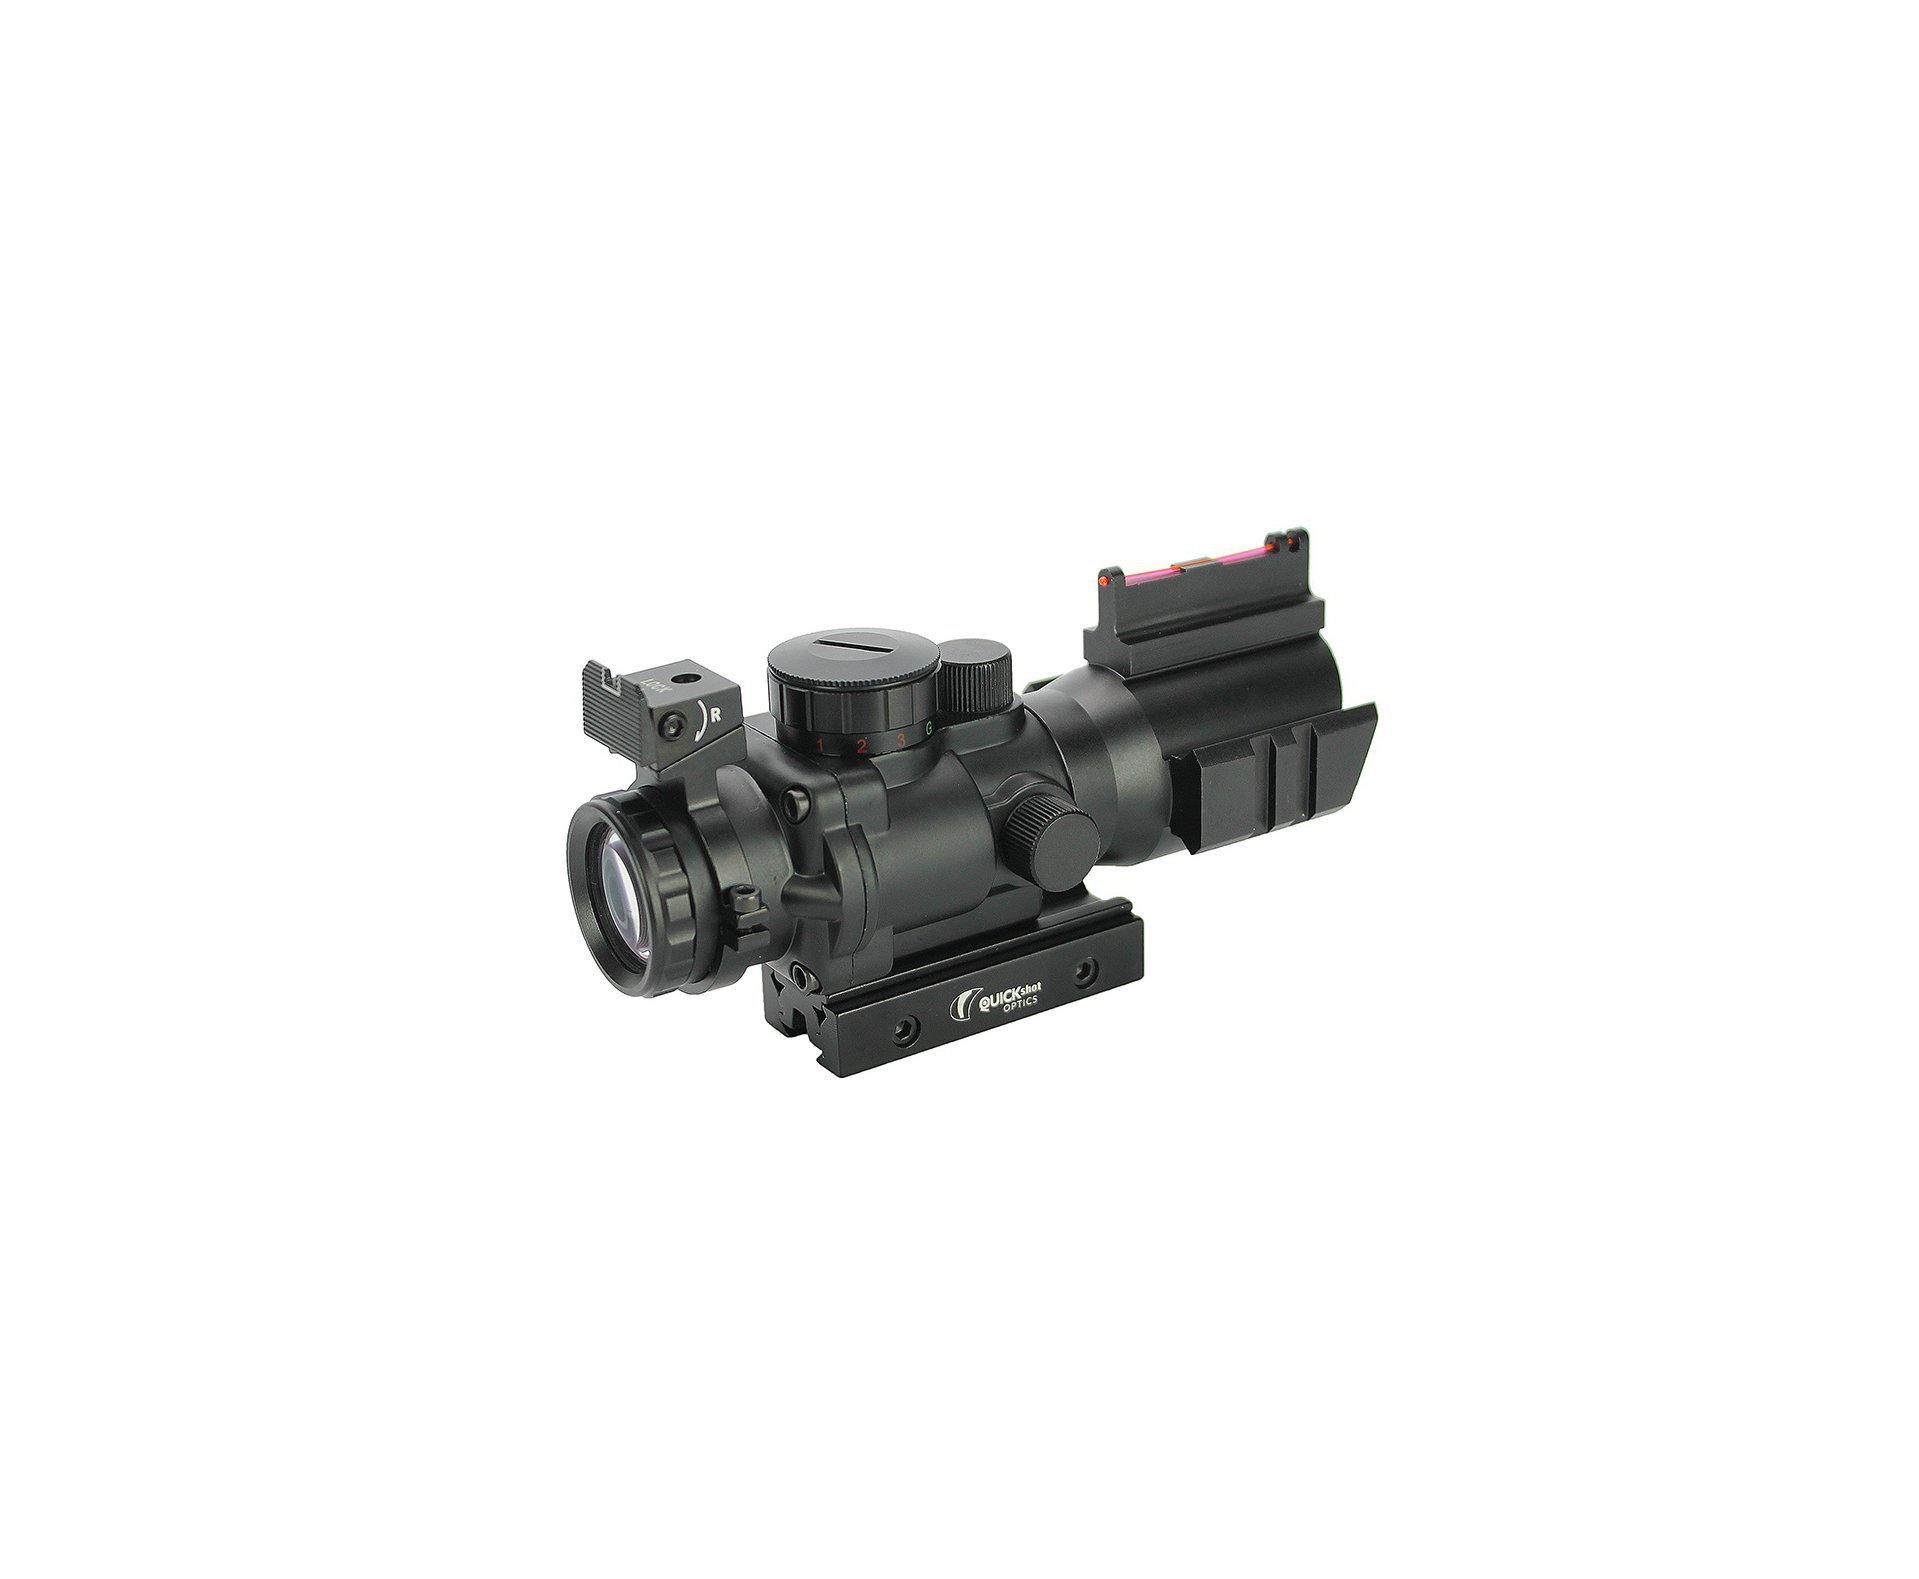 Luneta/red Dot Acog Mira Holográfica Titan Tactical 4x32 Trilho De 11/22mm